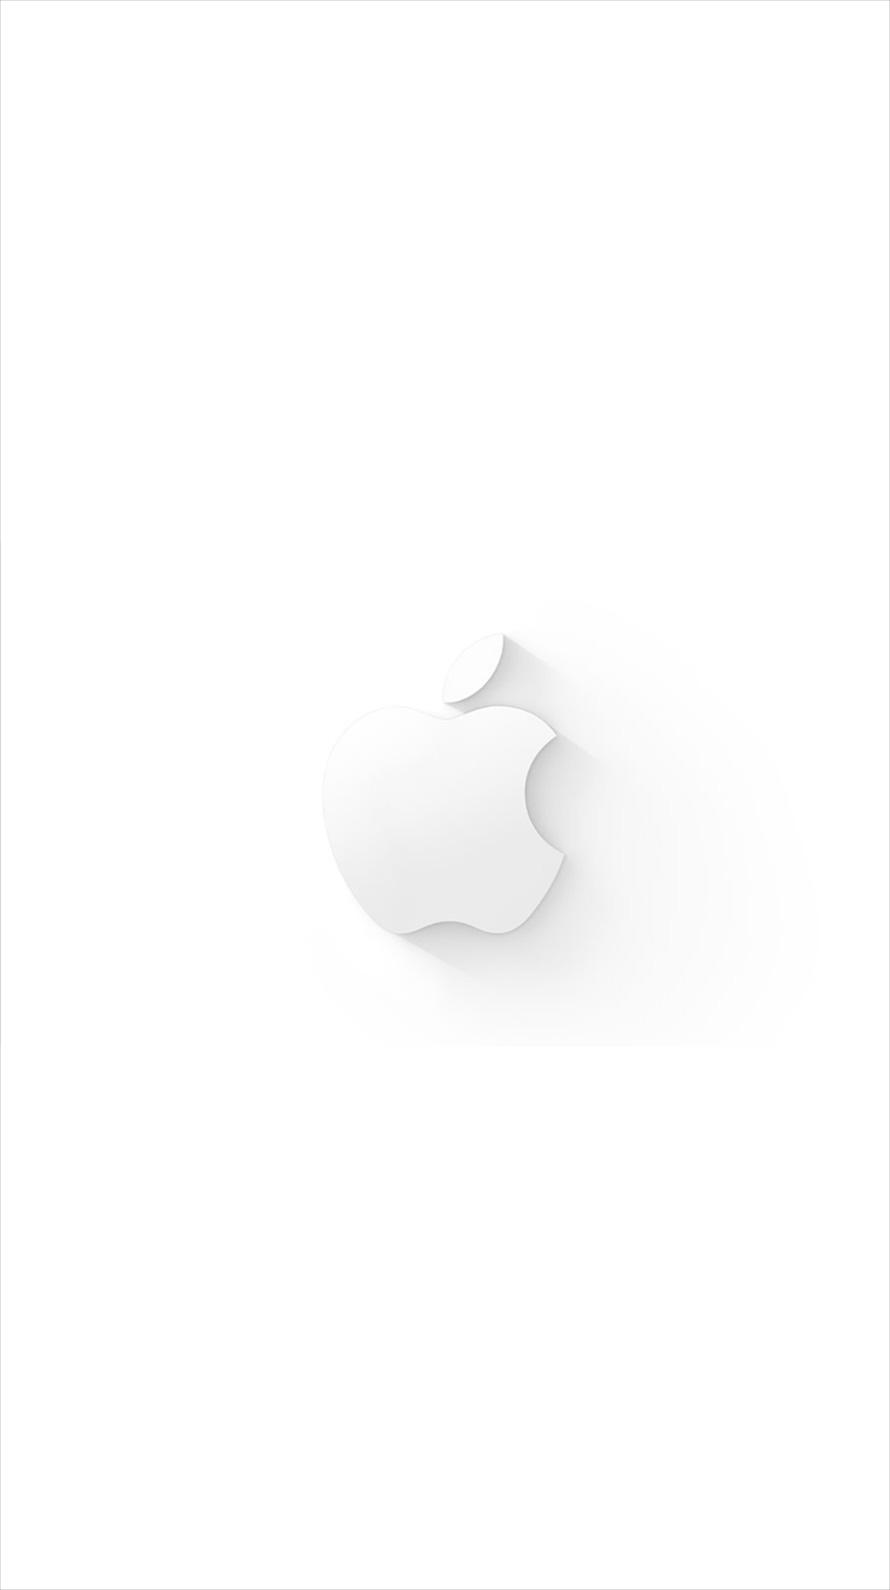 ミニマル ホワイト アップルロゴ Iphone6壁紙 Wallpaperbox